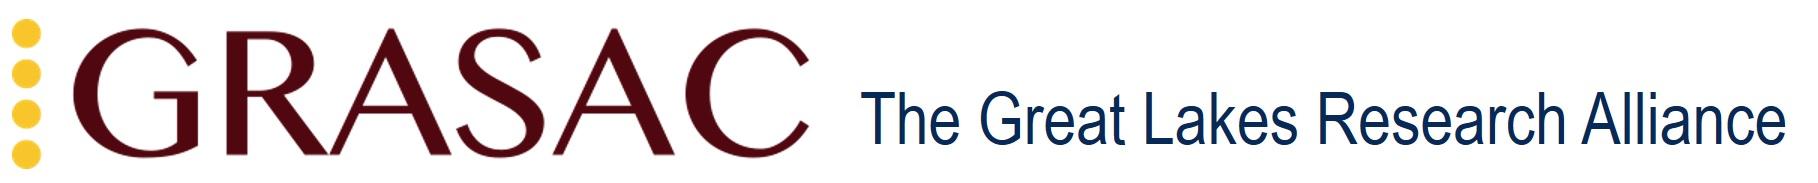 GRASAC logo